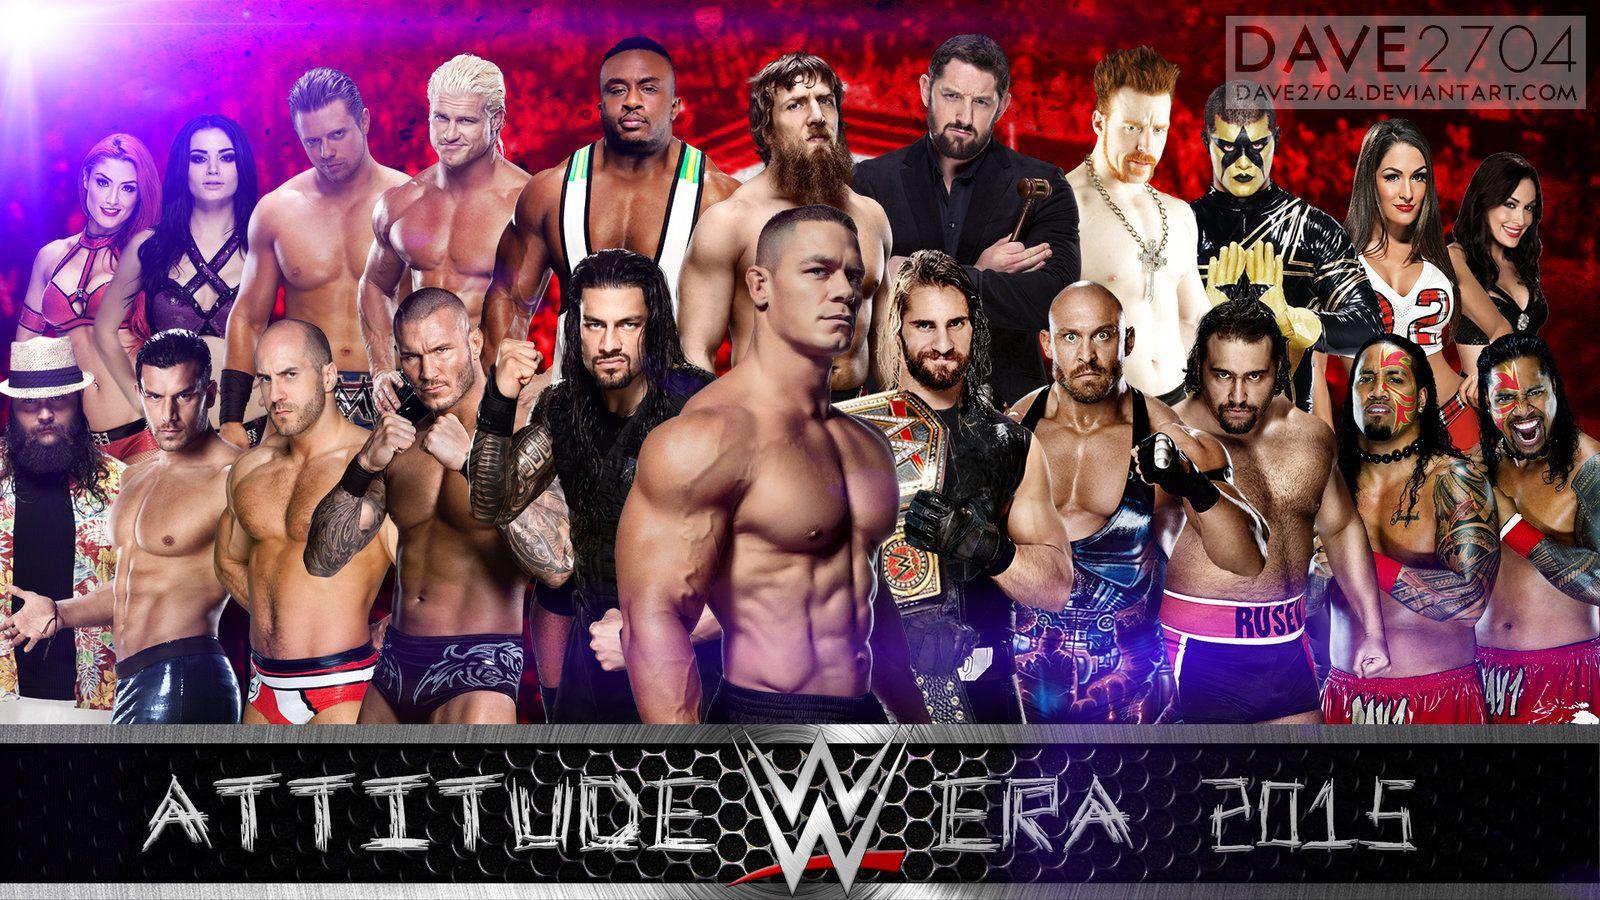 Download Wwe Wallpapers Wwe Wrestlers Wwe Superstars Wrestler